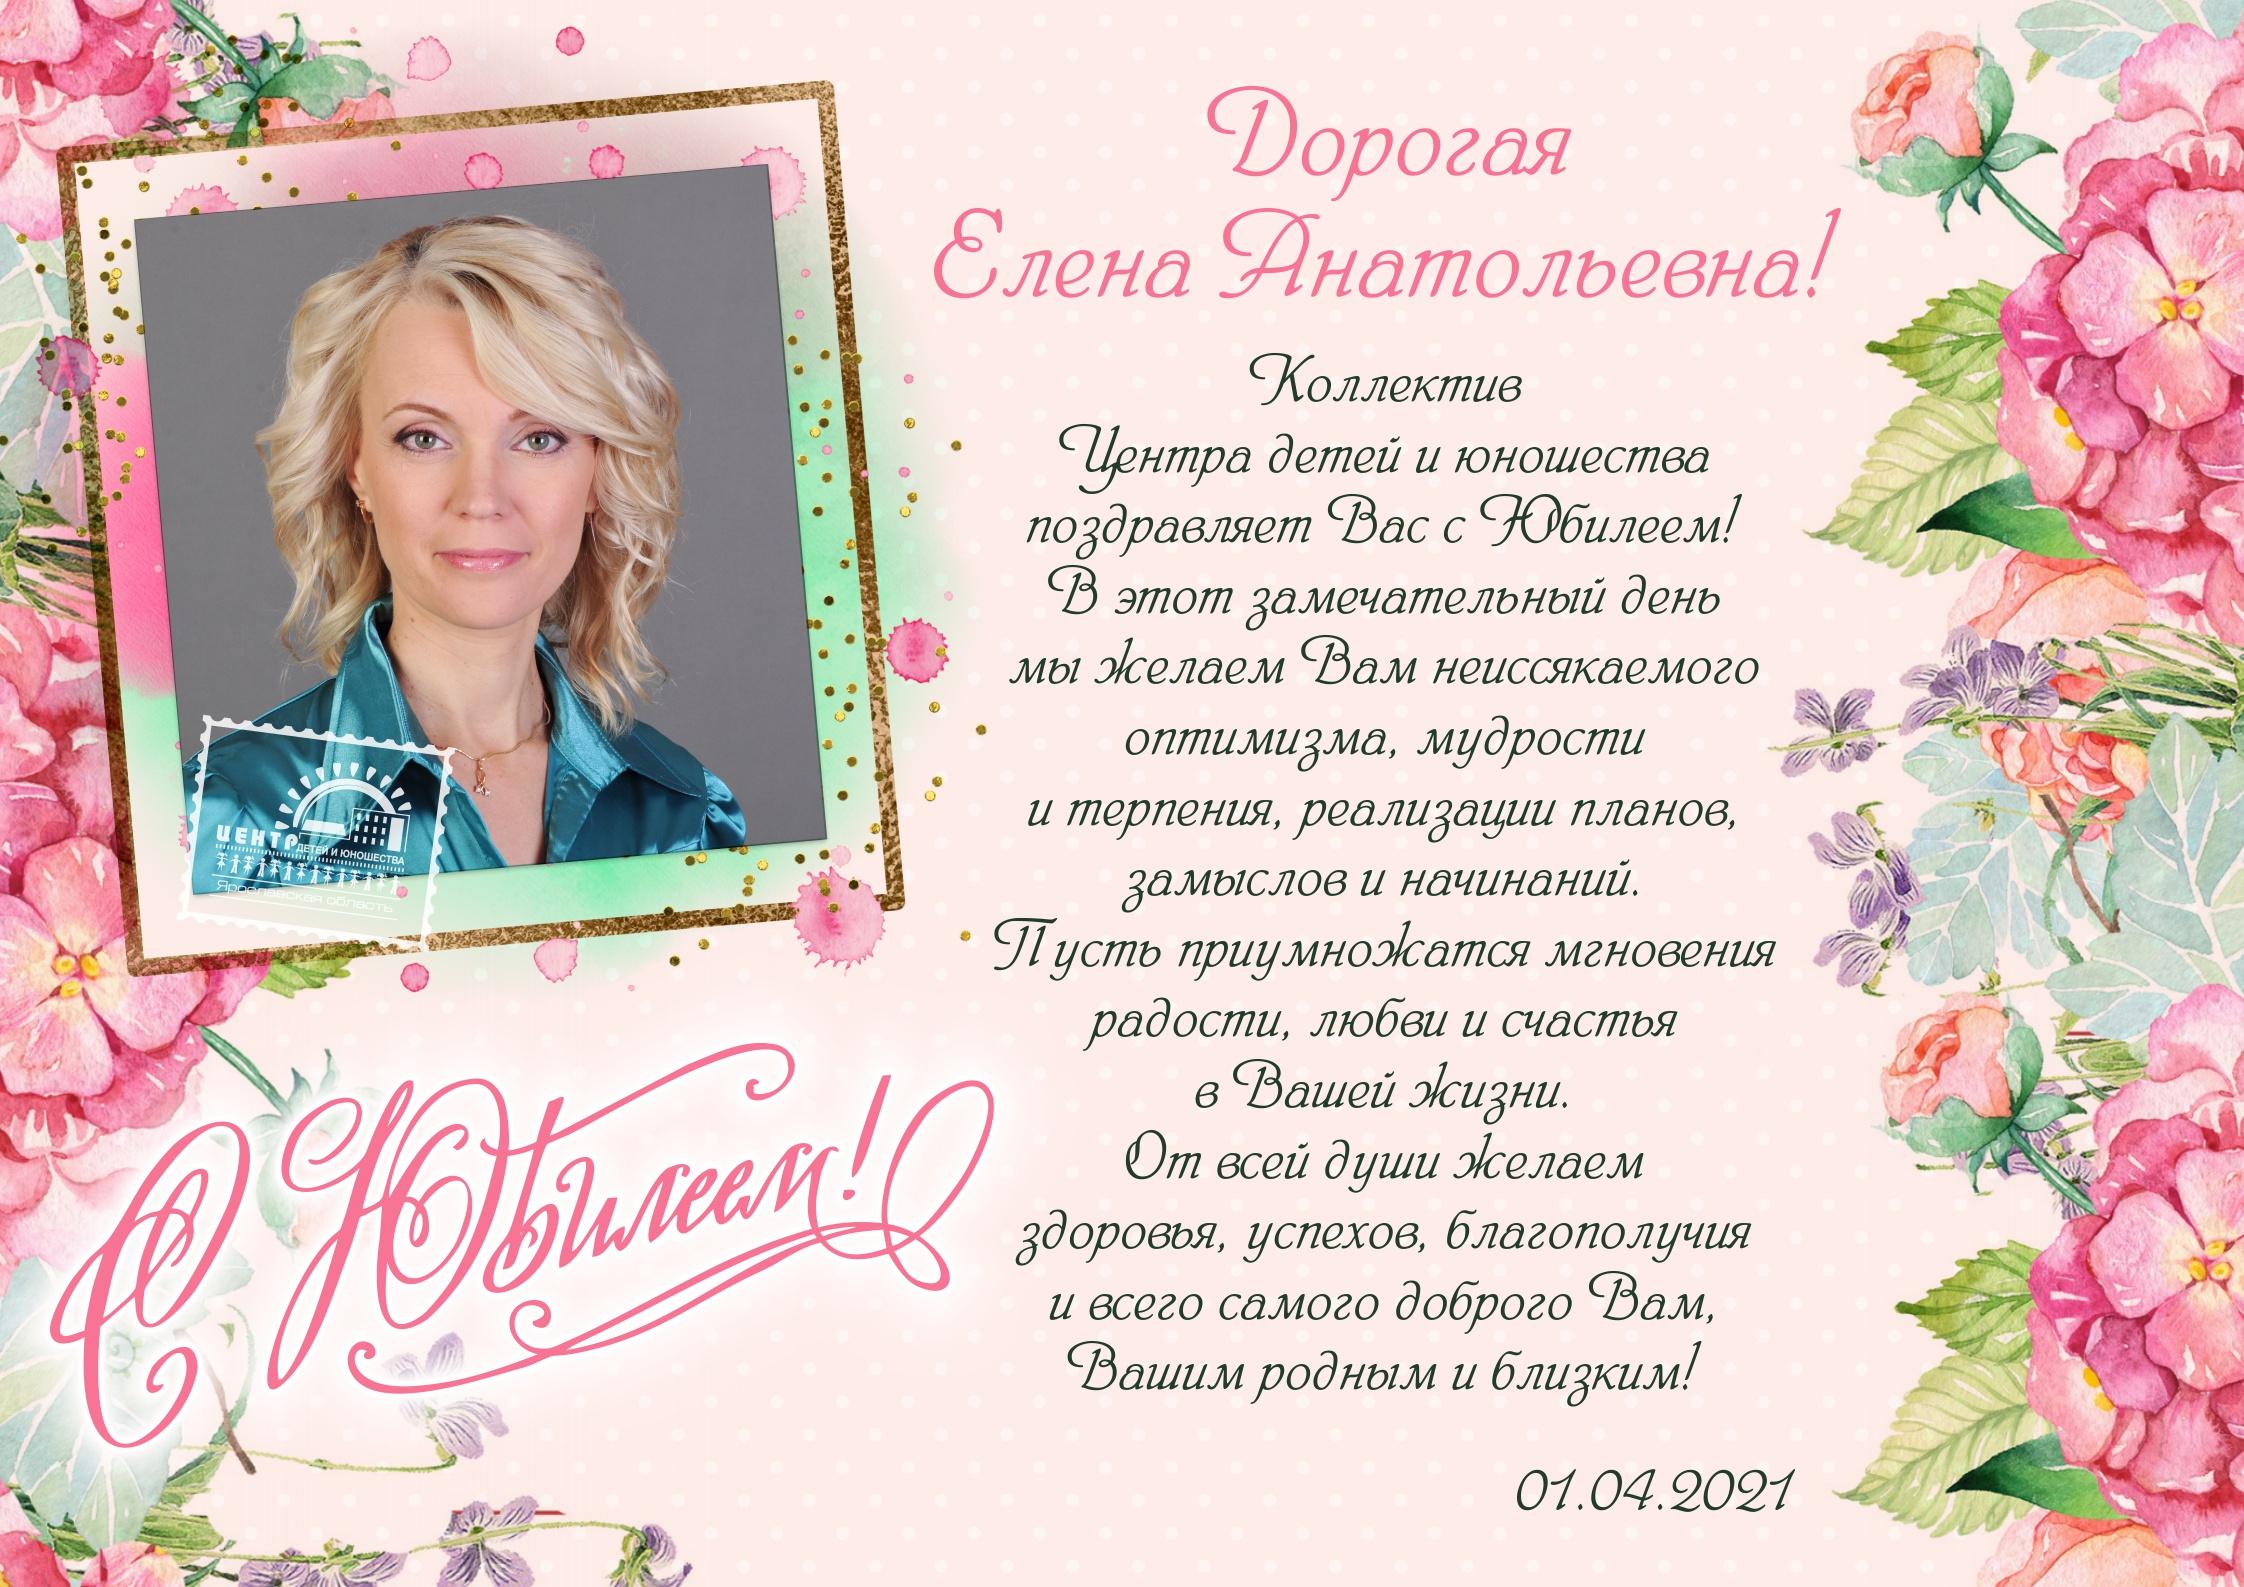 С днем рождения, Елена Анатольевна!